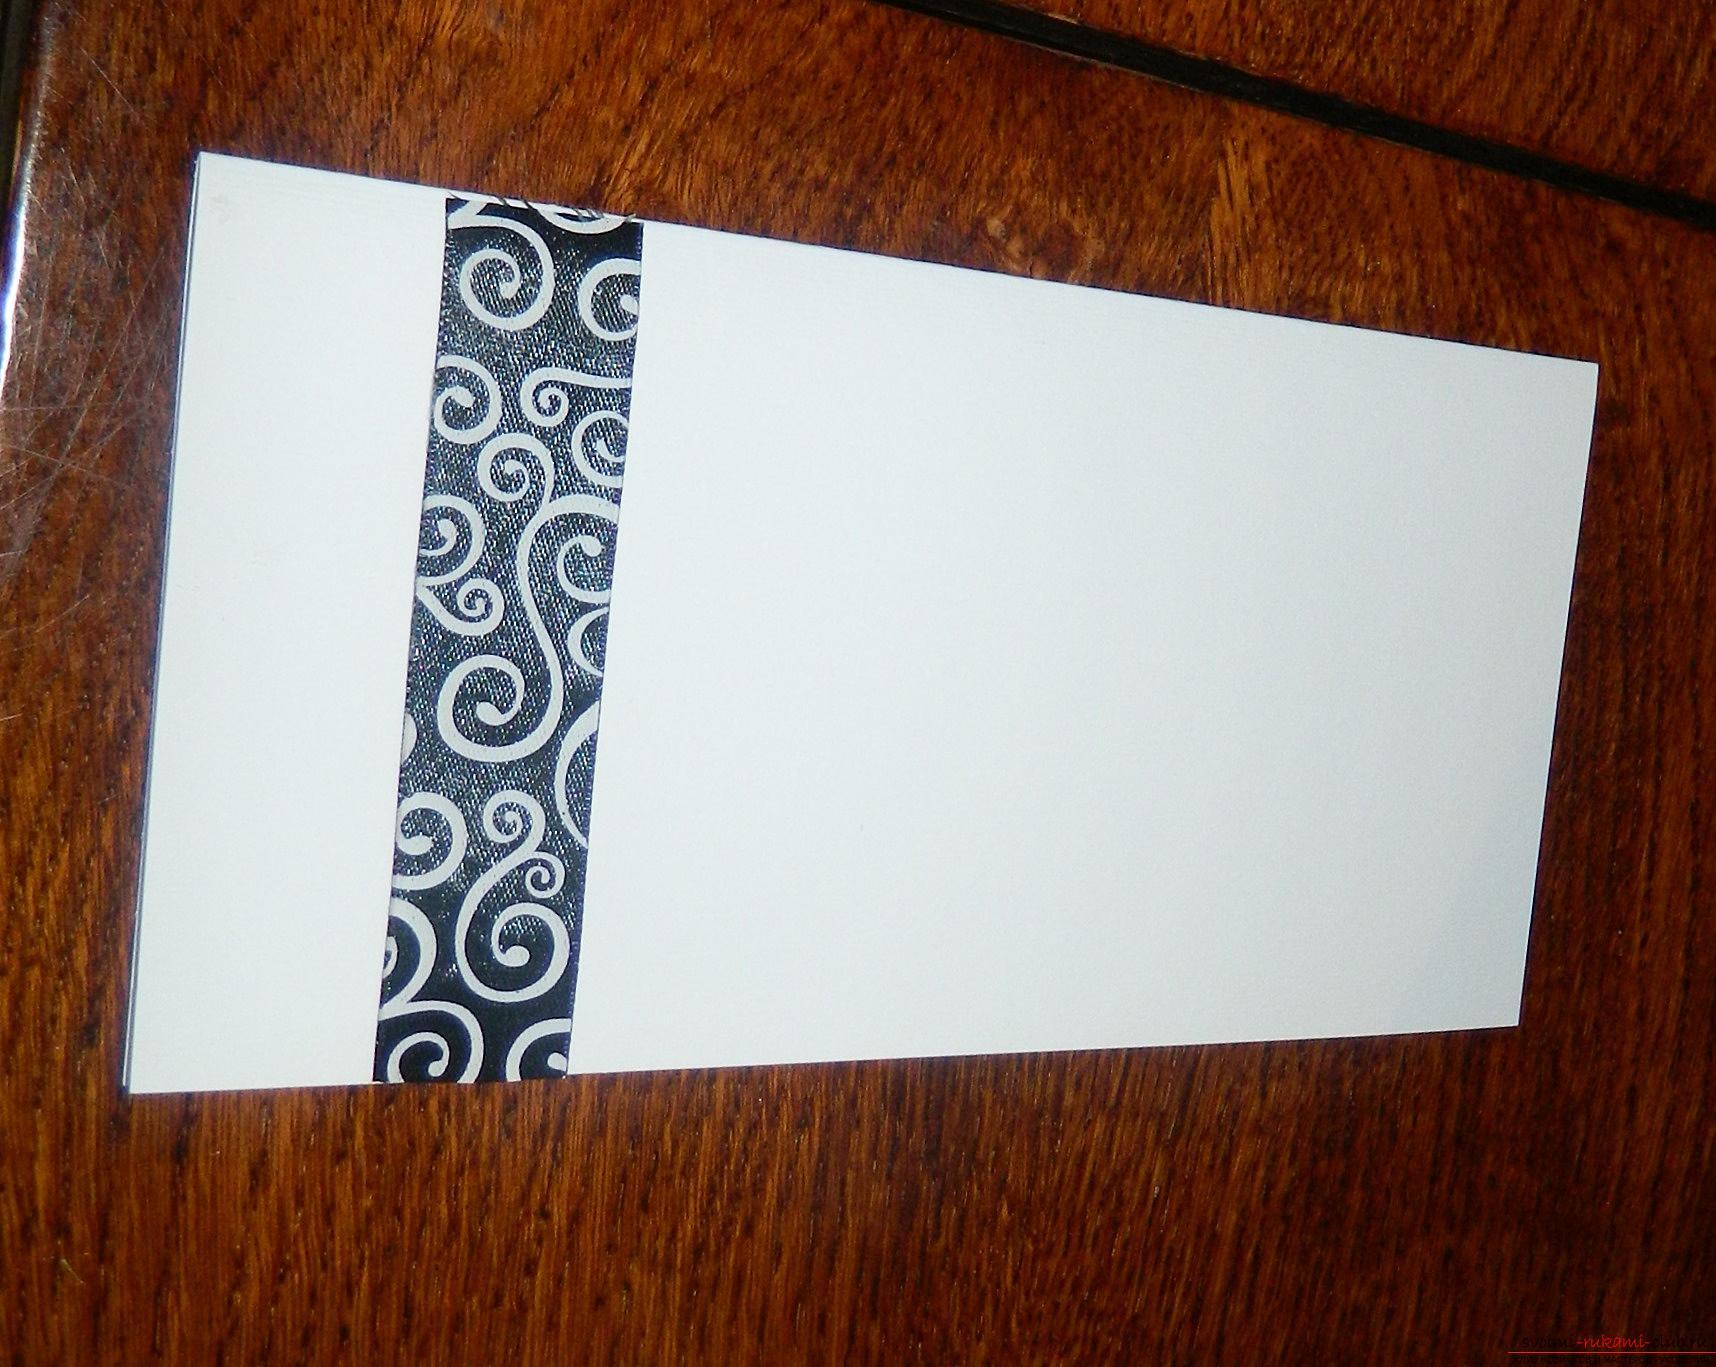 Этот мастер-класс покажет как сделать красивые открытки своими руками.. Фото №2